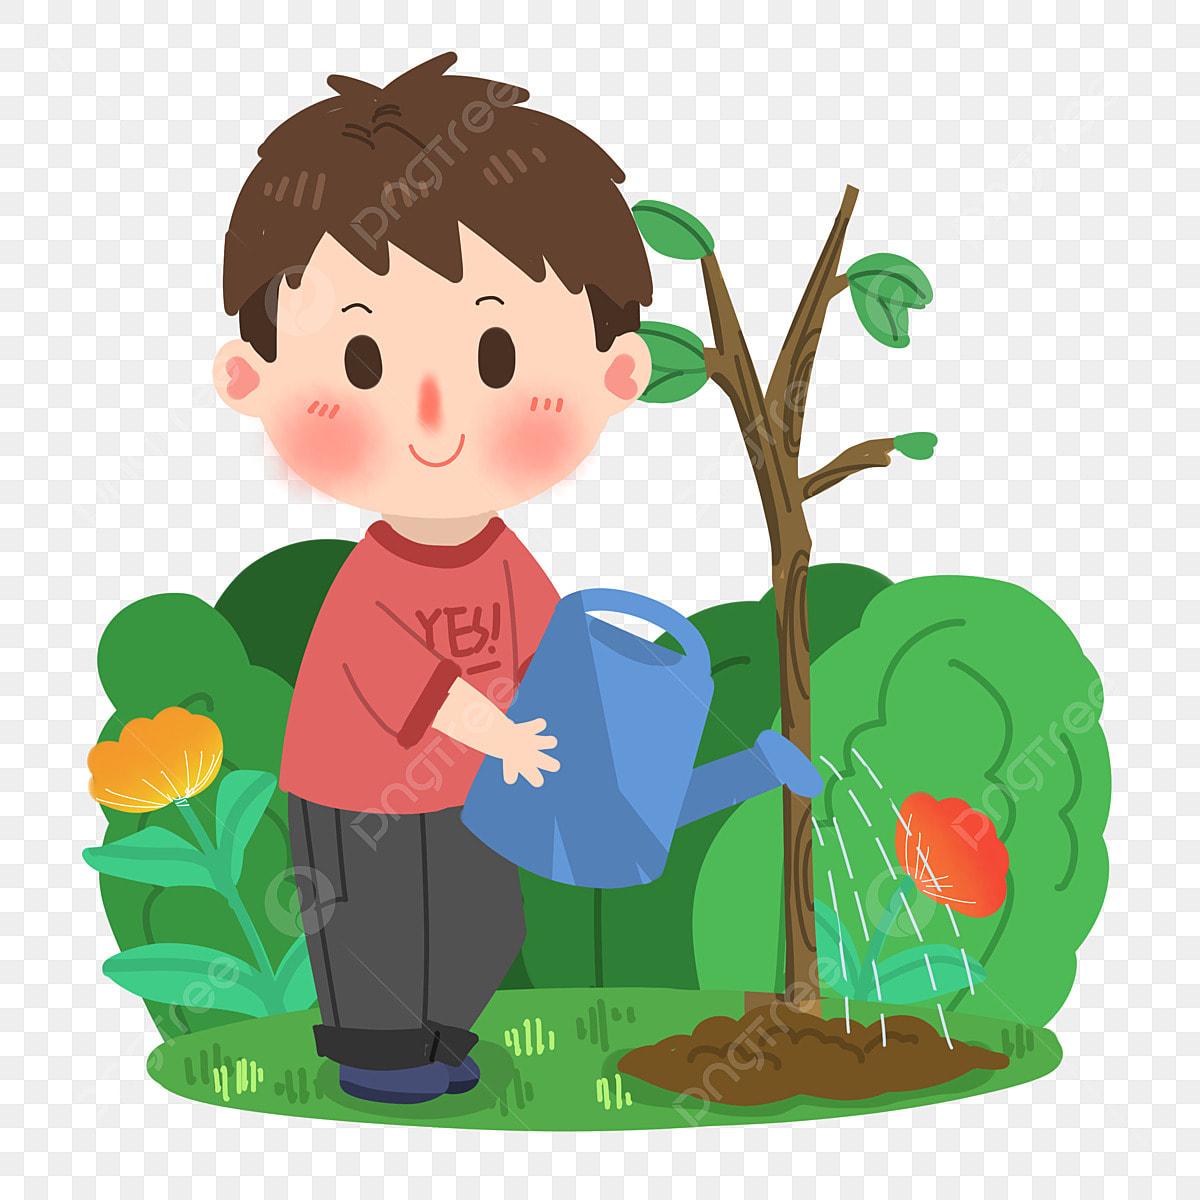 Hình ảnh Arbor Day Phim Hoạt Hình Cậu Bé Tưới Nước Png Vật Liệu, Lễ Hội Cây,  Hoạt Hình, Phim Hoạt Hình Chàng Trai miễn phí tải tập tin PNG PSDComment và